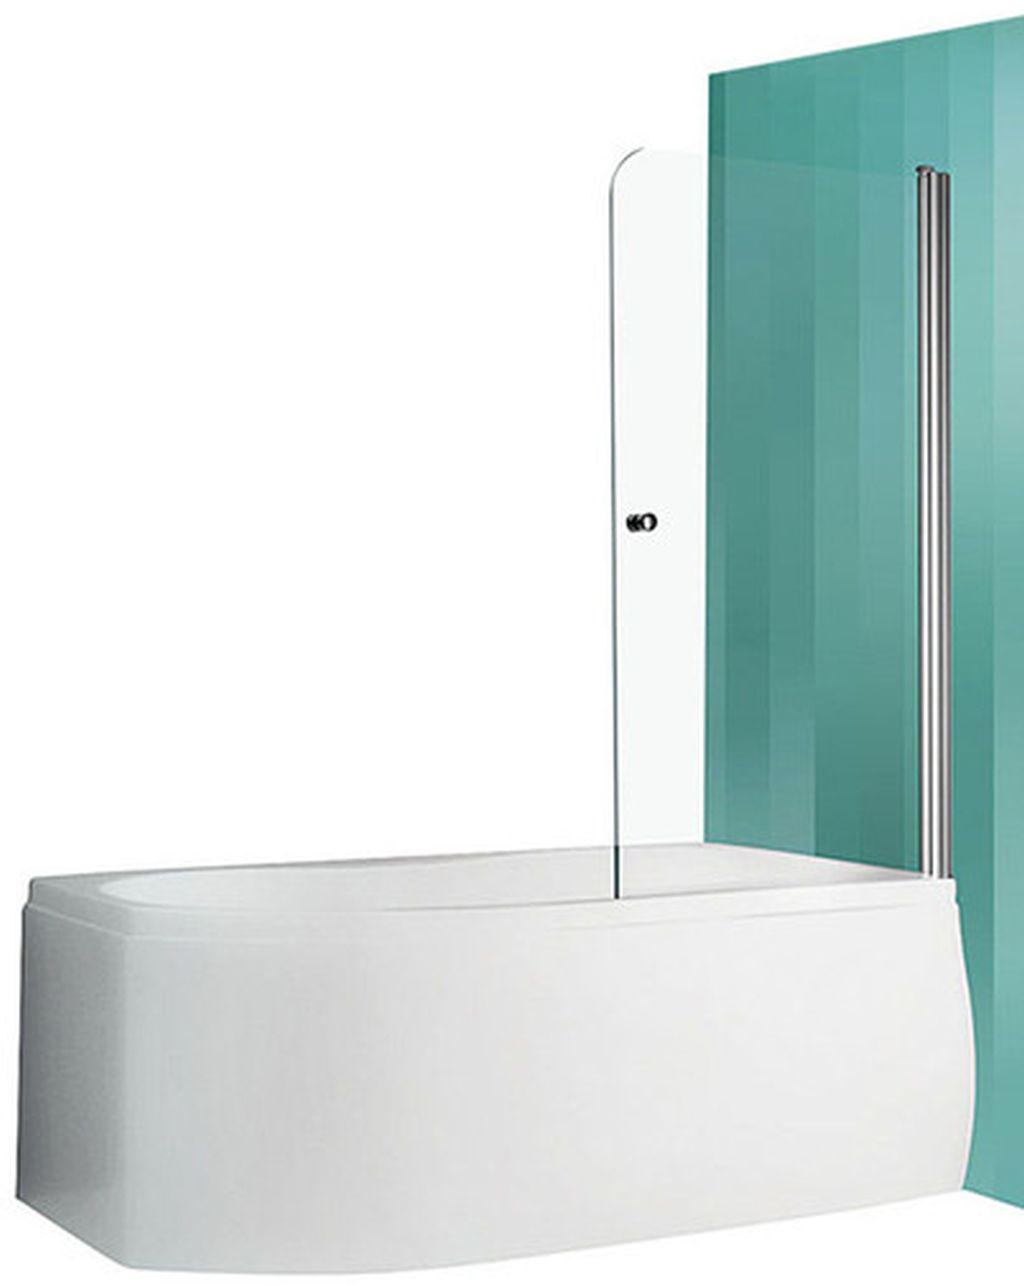 ROLTECHNIK Vanová zástěna oboustranně otevíratelná TV1/700 stříbro/transparent 706-7000000-01-02